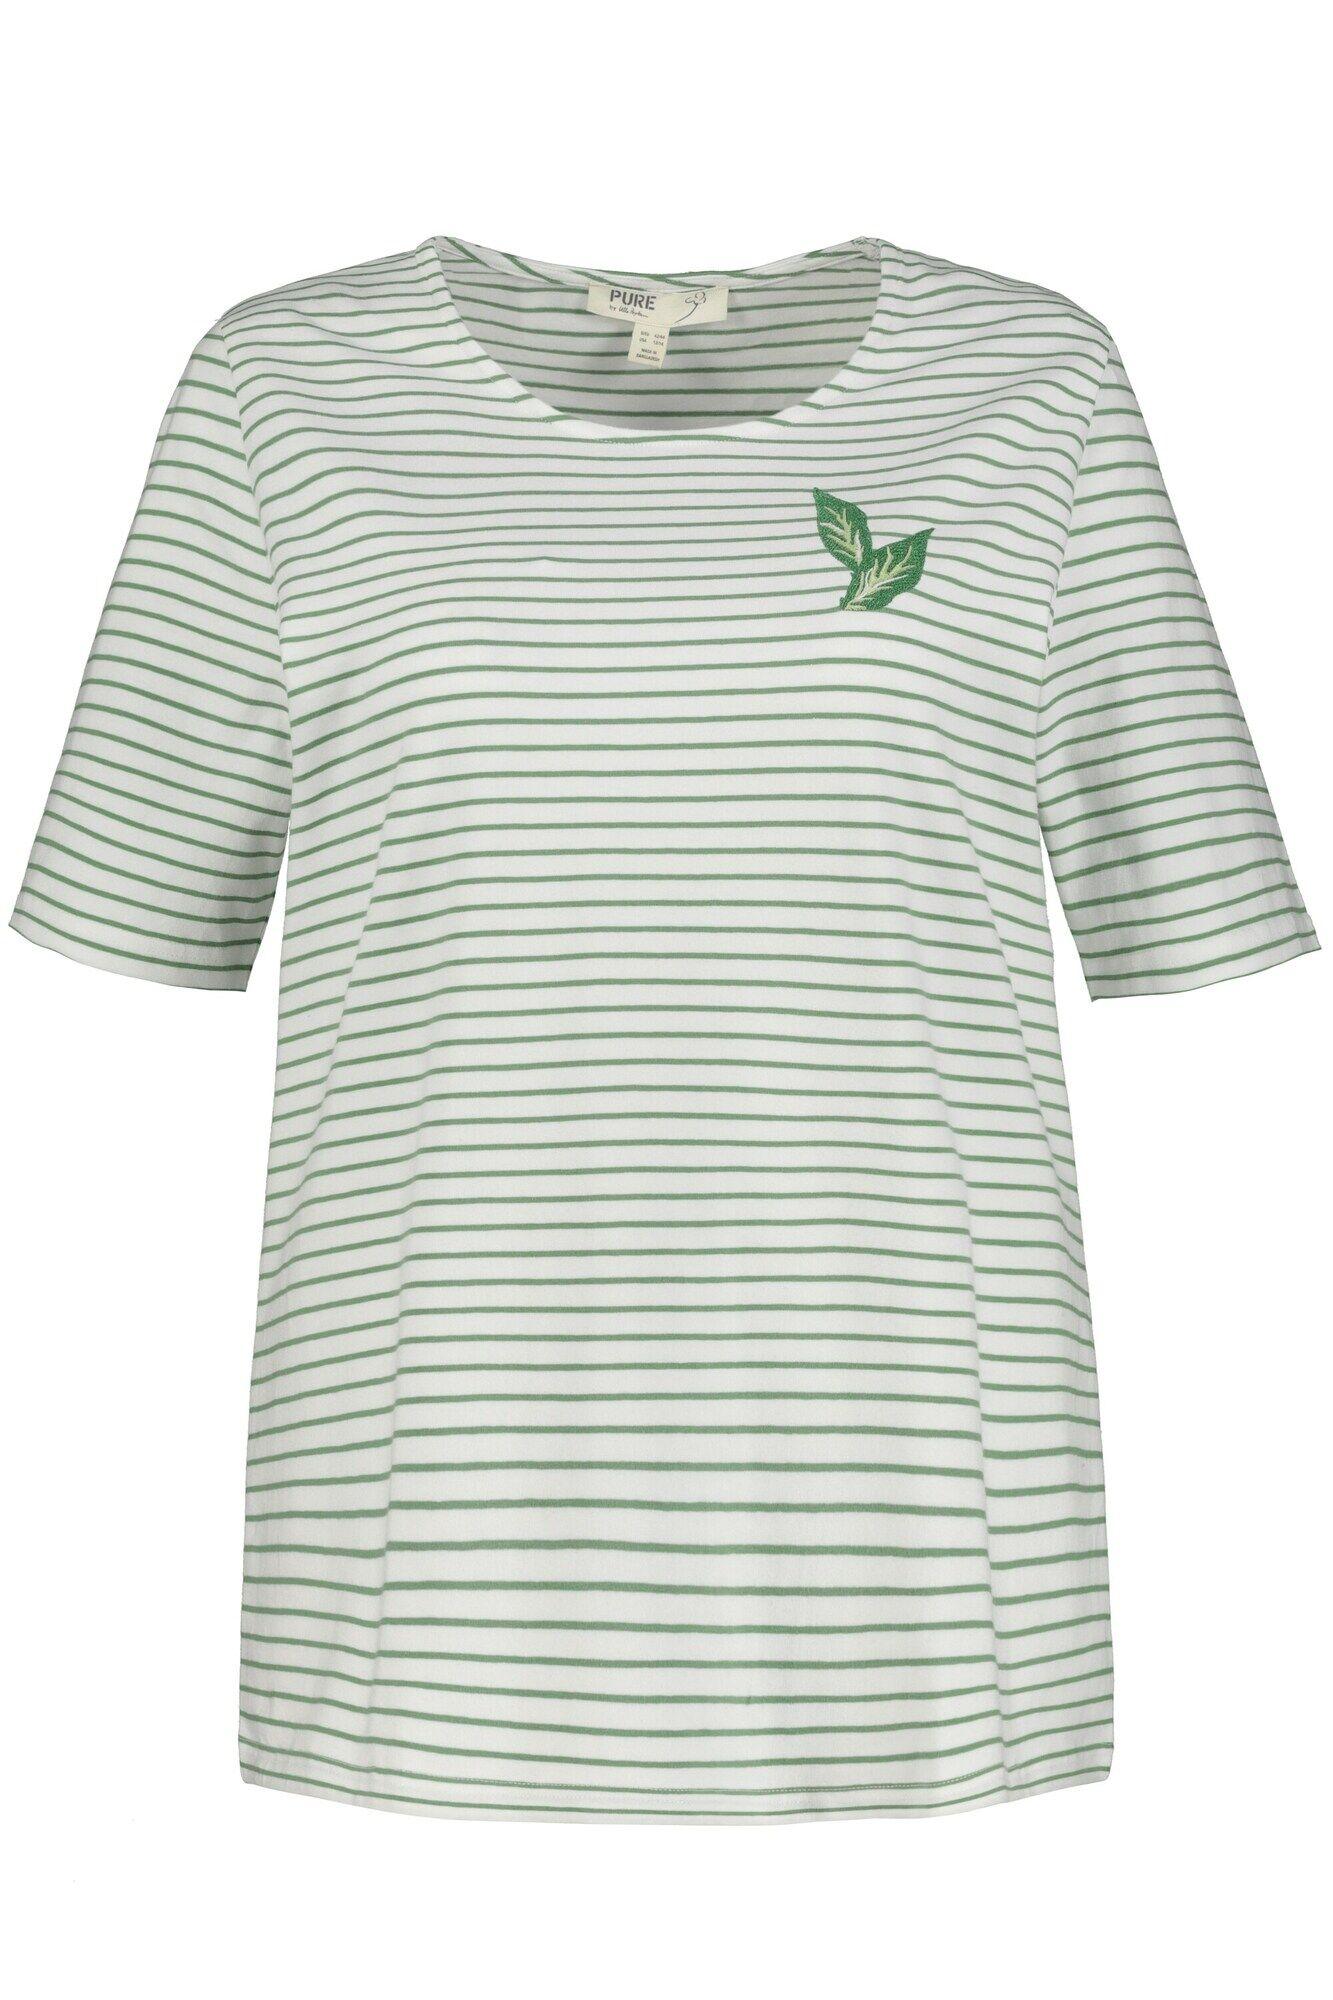 Ulla Popken T-shirt  - Vert - Taille: 50+ - female